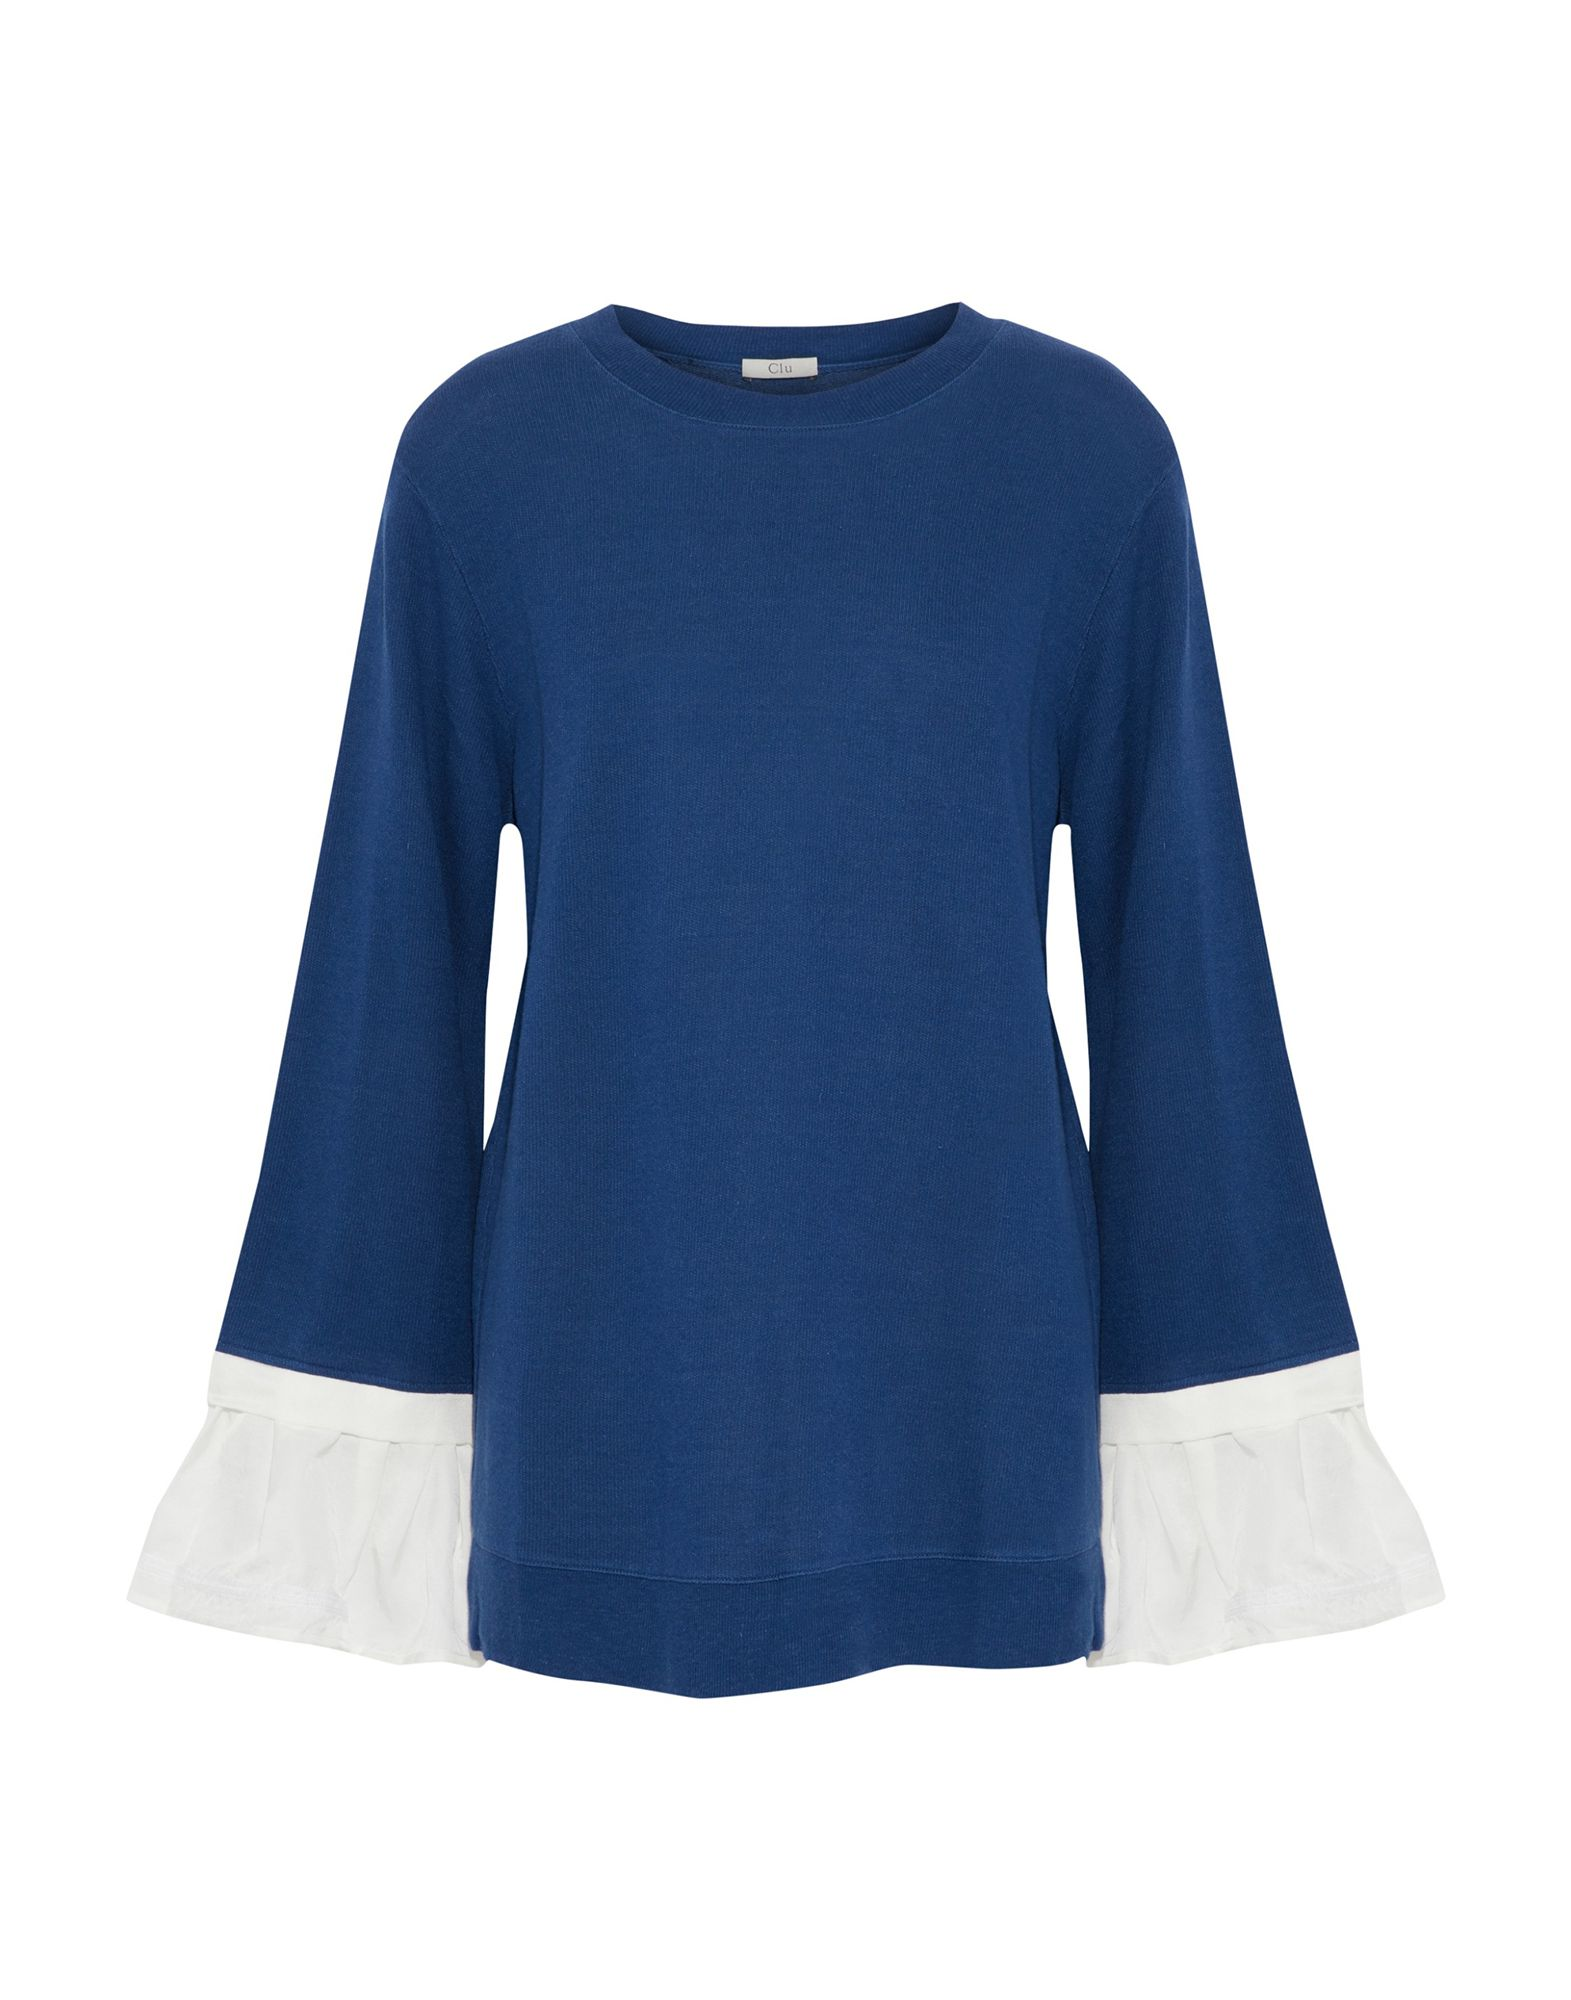 《期間限定セール開催中!》CLU レディース スウェットシャツ ブルー XS レーヨン 51% / コットン 36% / 麻 13%